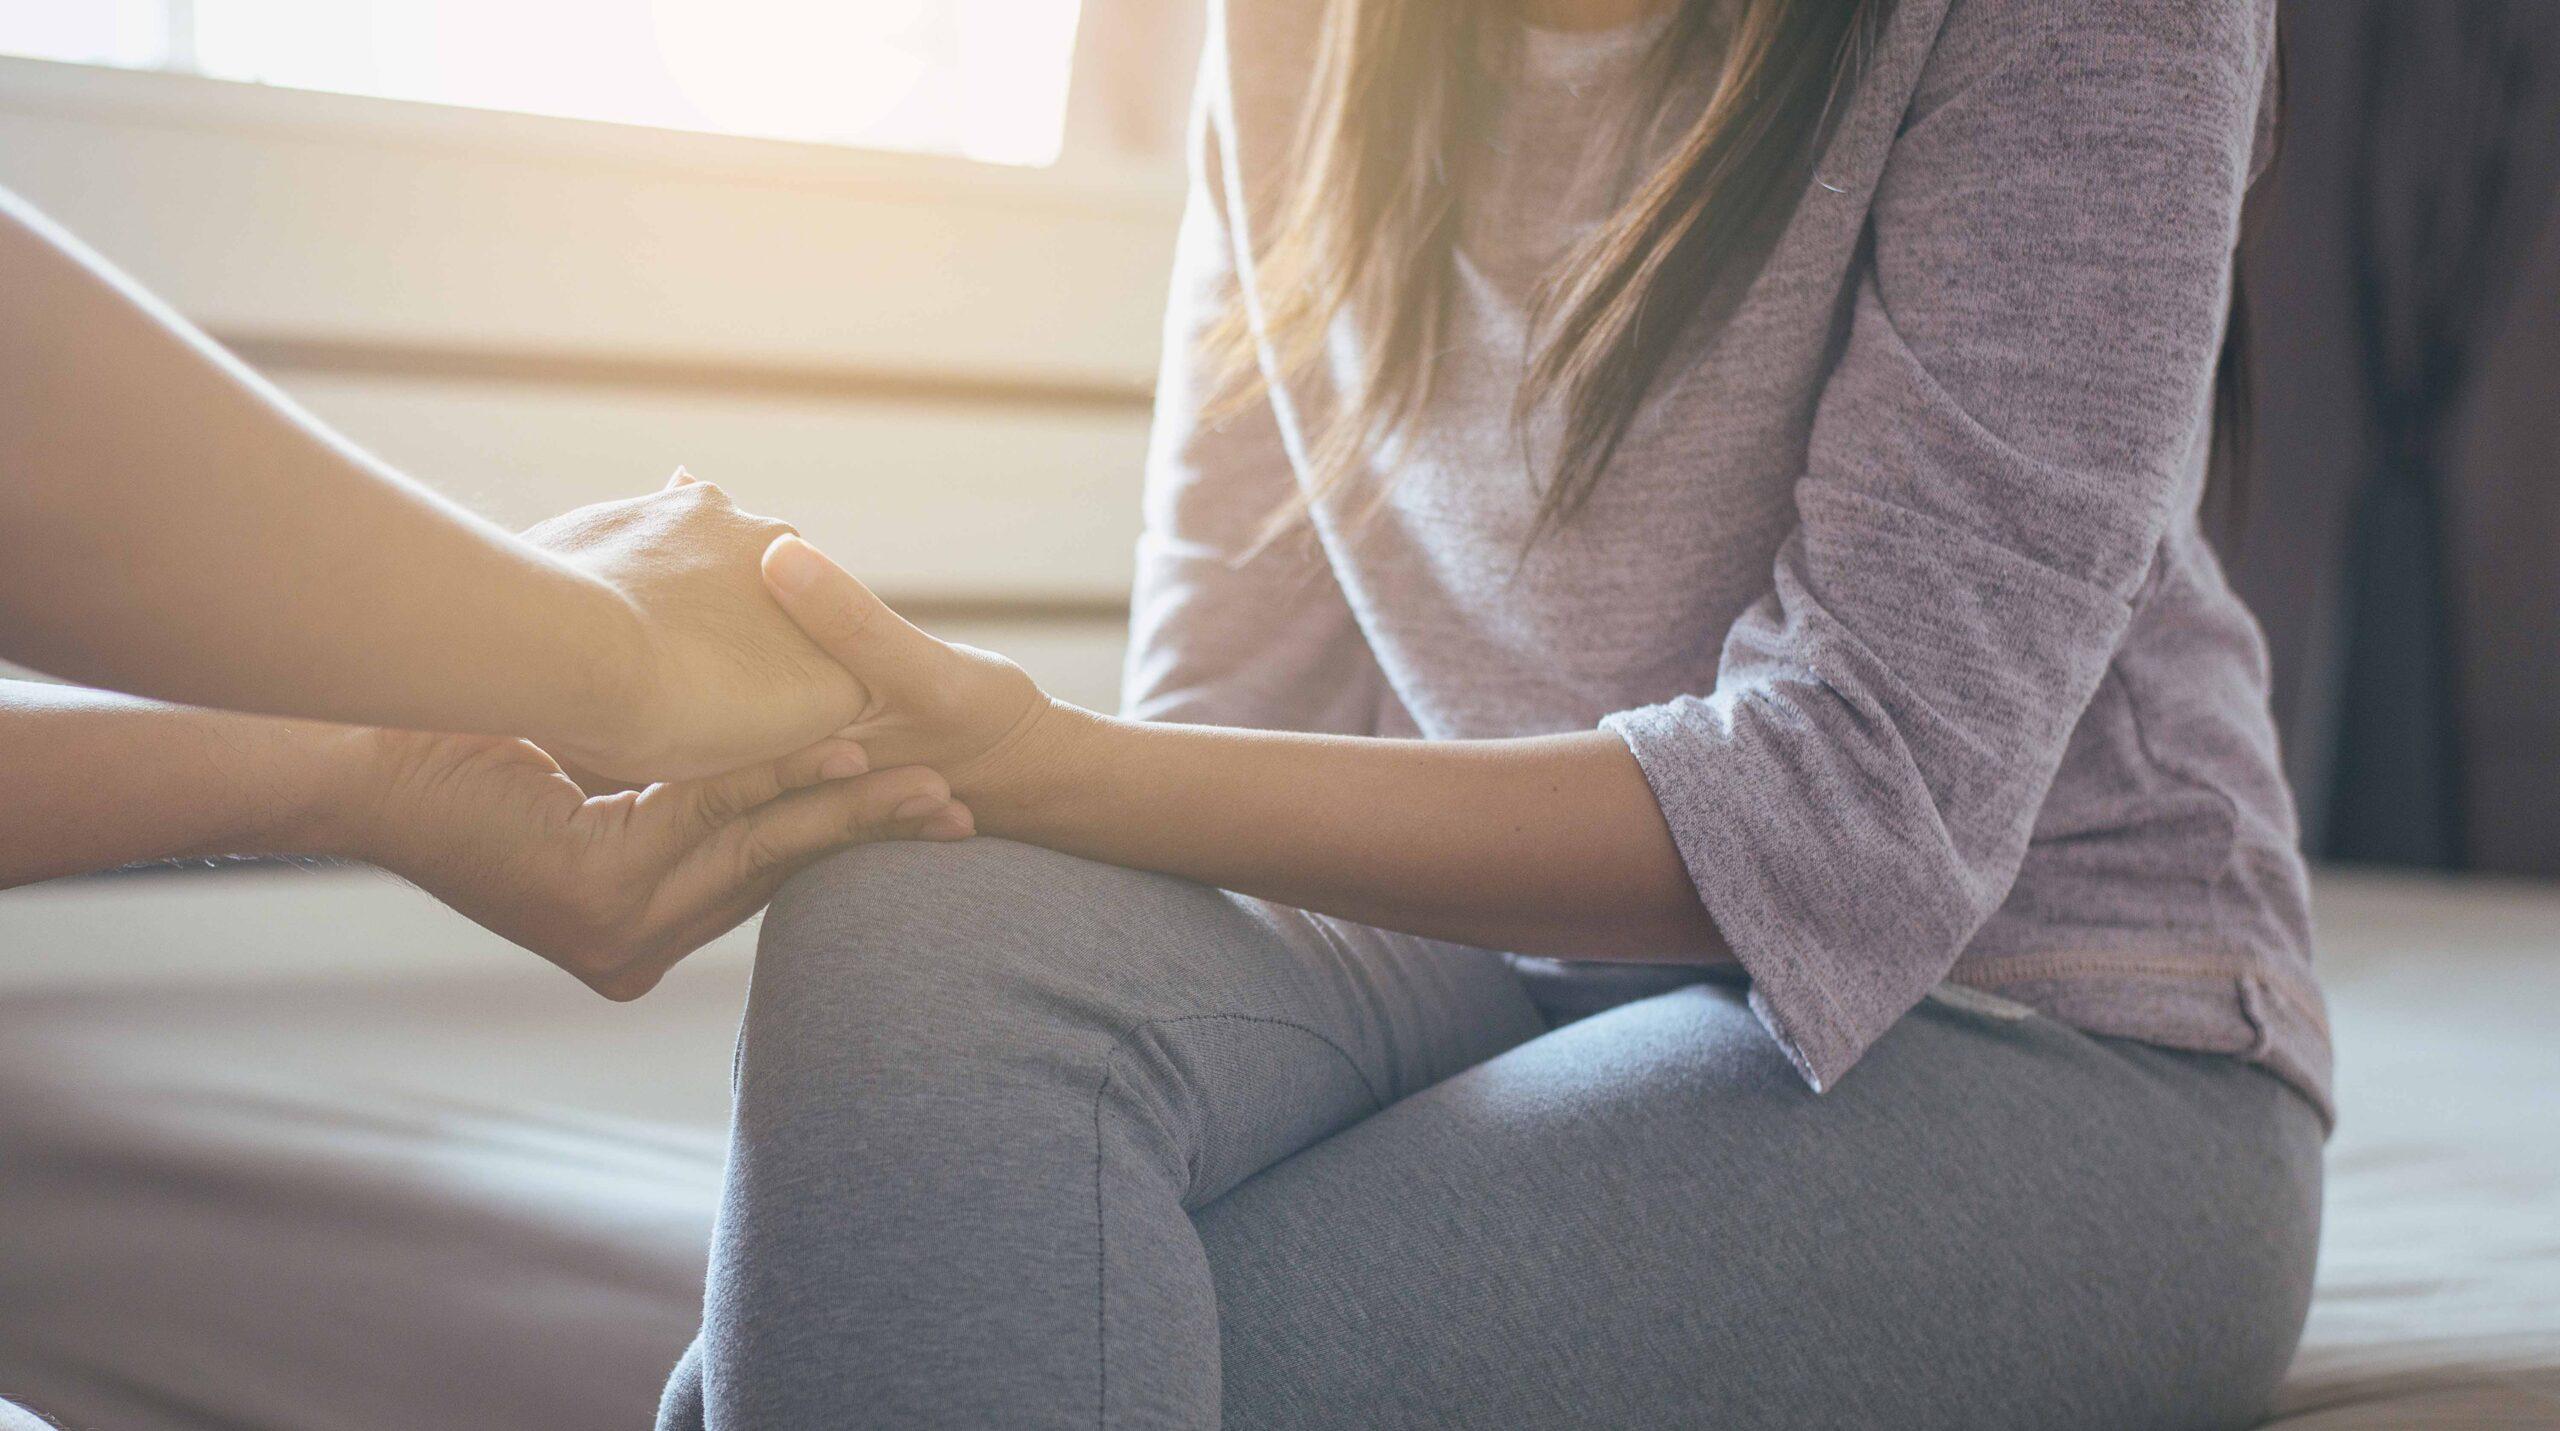 perdidas-gestacionales-testimonios-infertilidad-mom-to-be